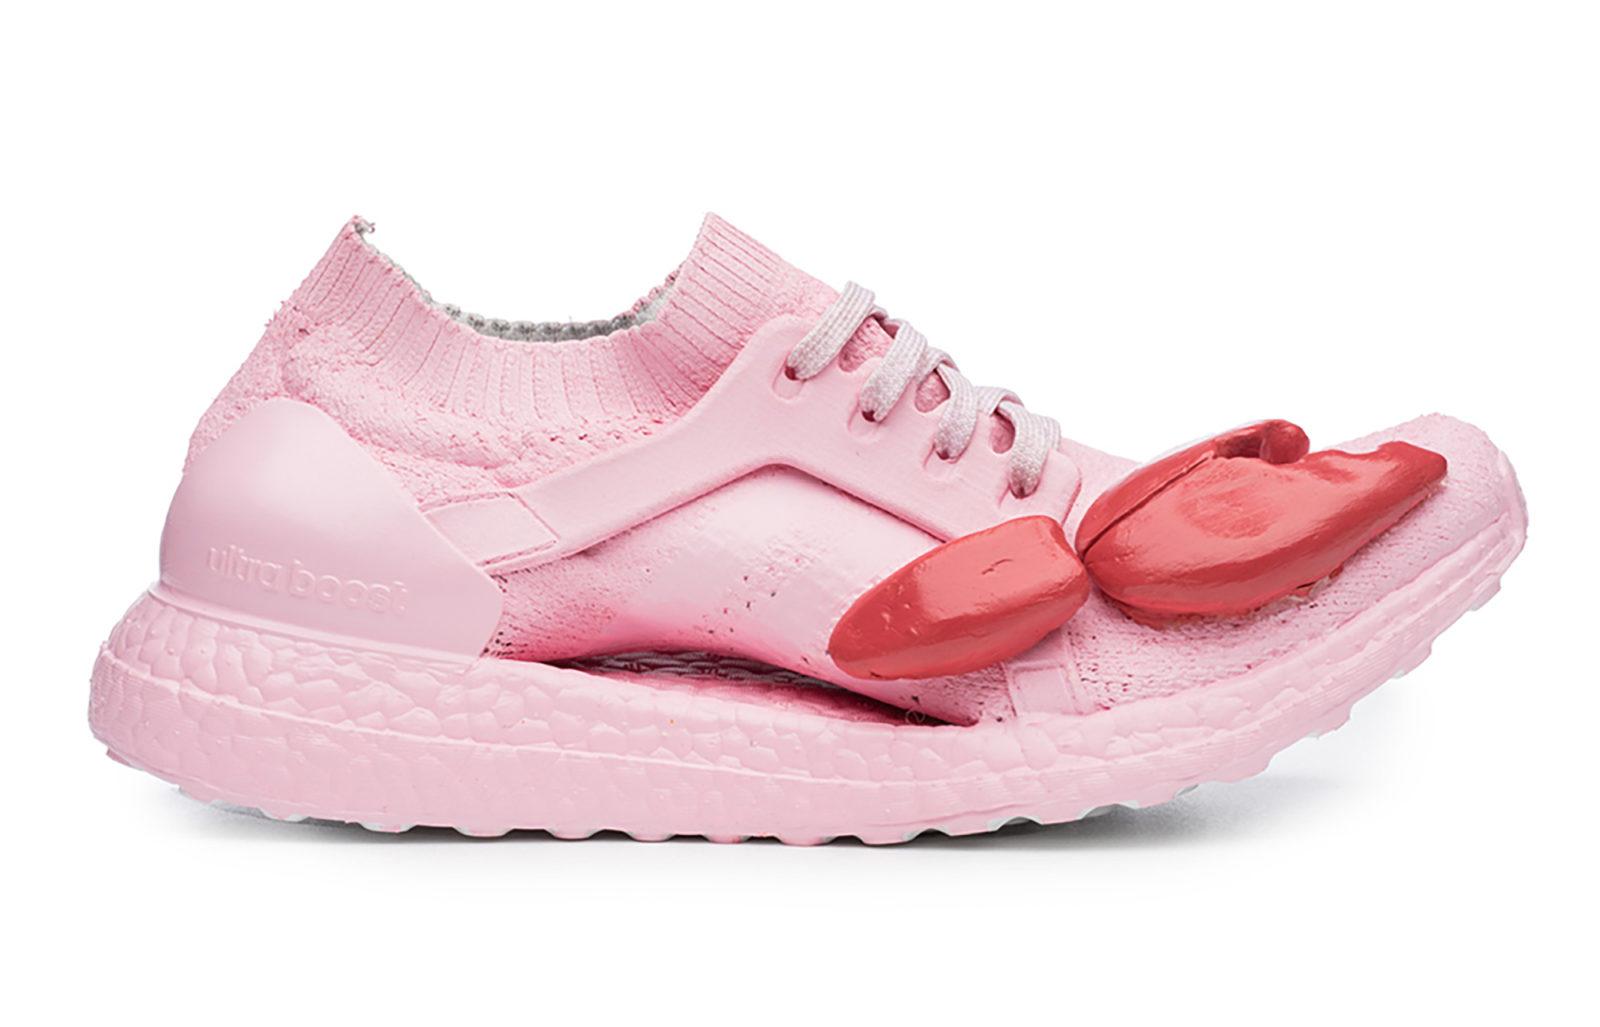 Fotografia reklamowa ukazując buty firmy Adidas, model Ultraboost w kolorze różowym z czerwonymi szczypcami homara na nosku buta.